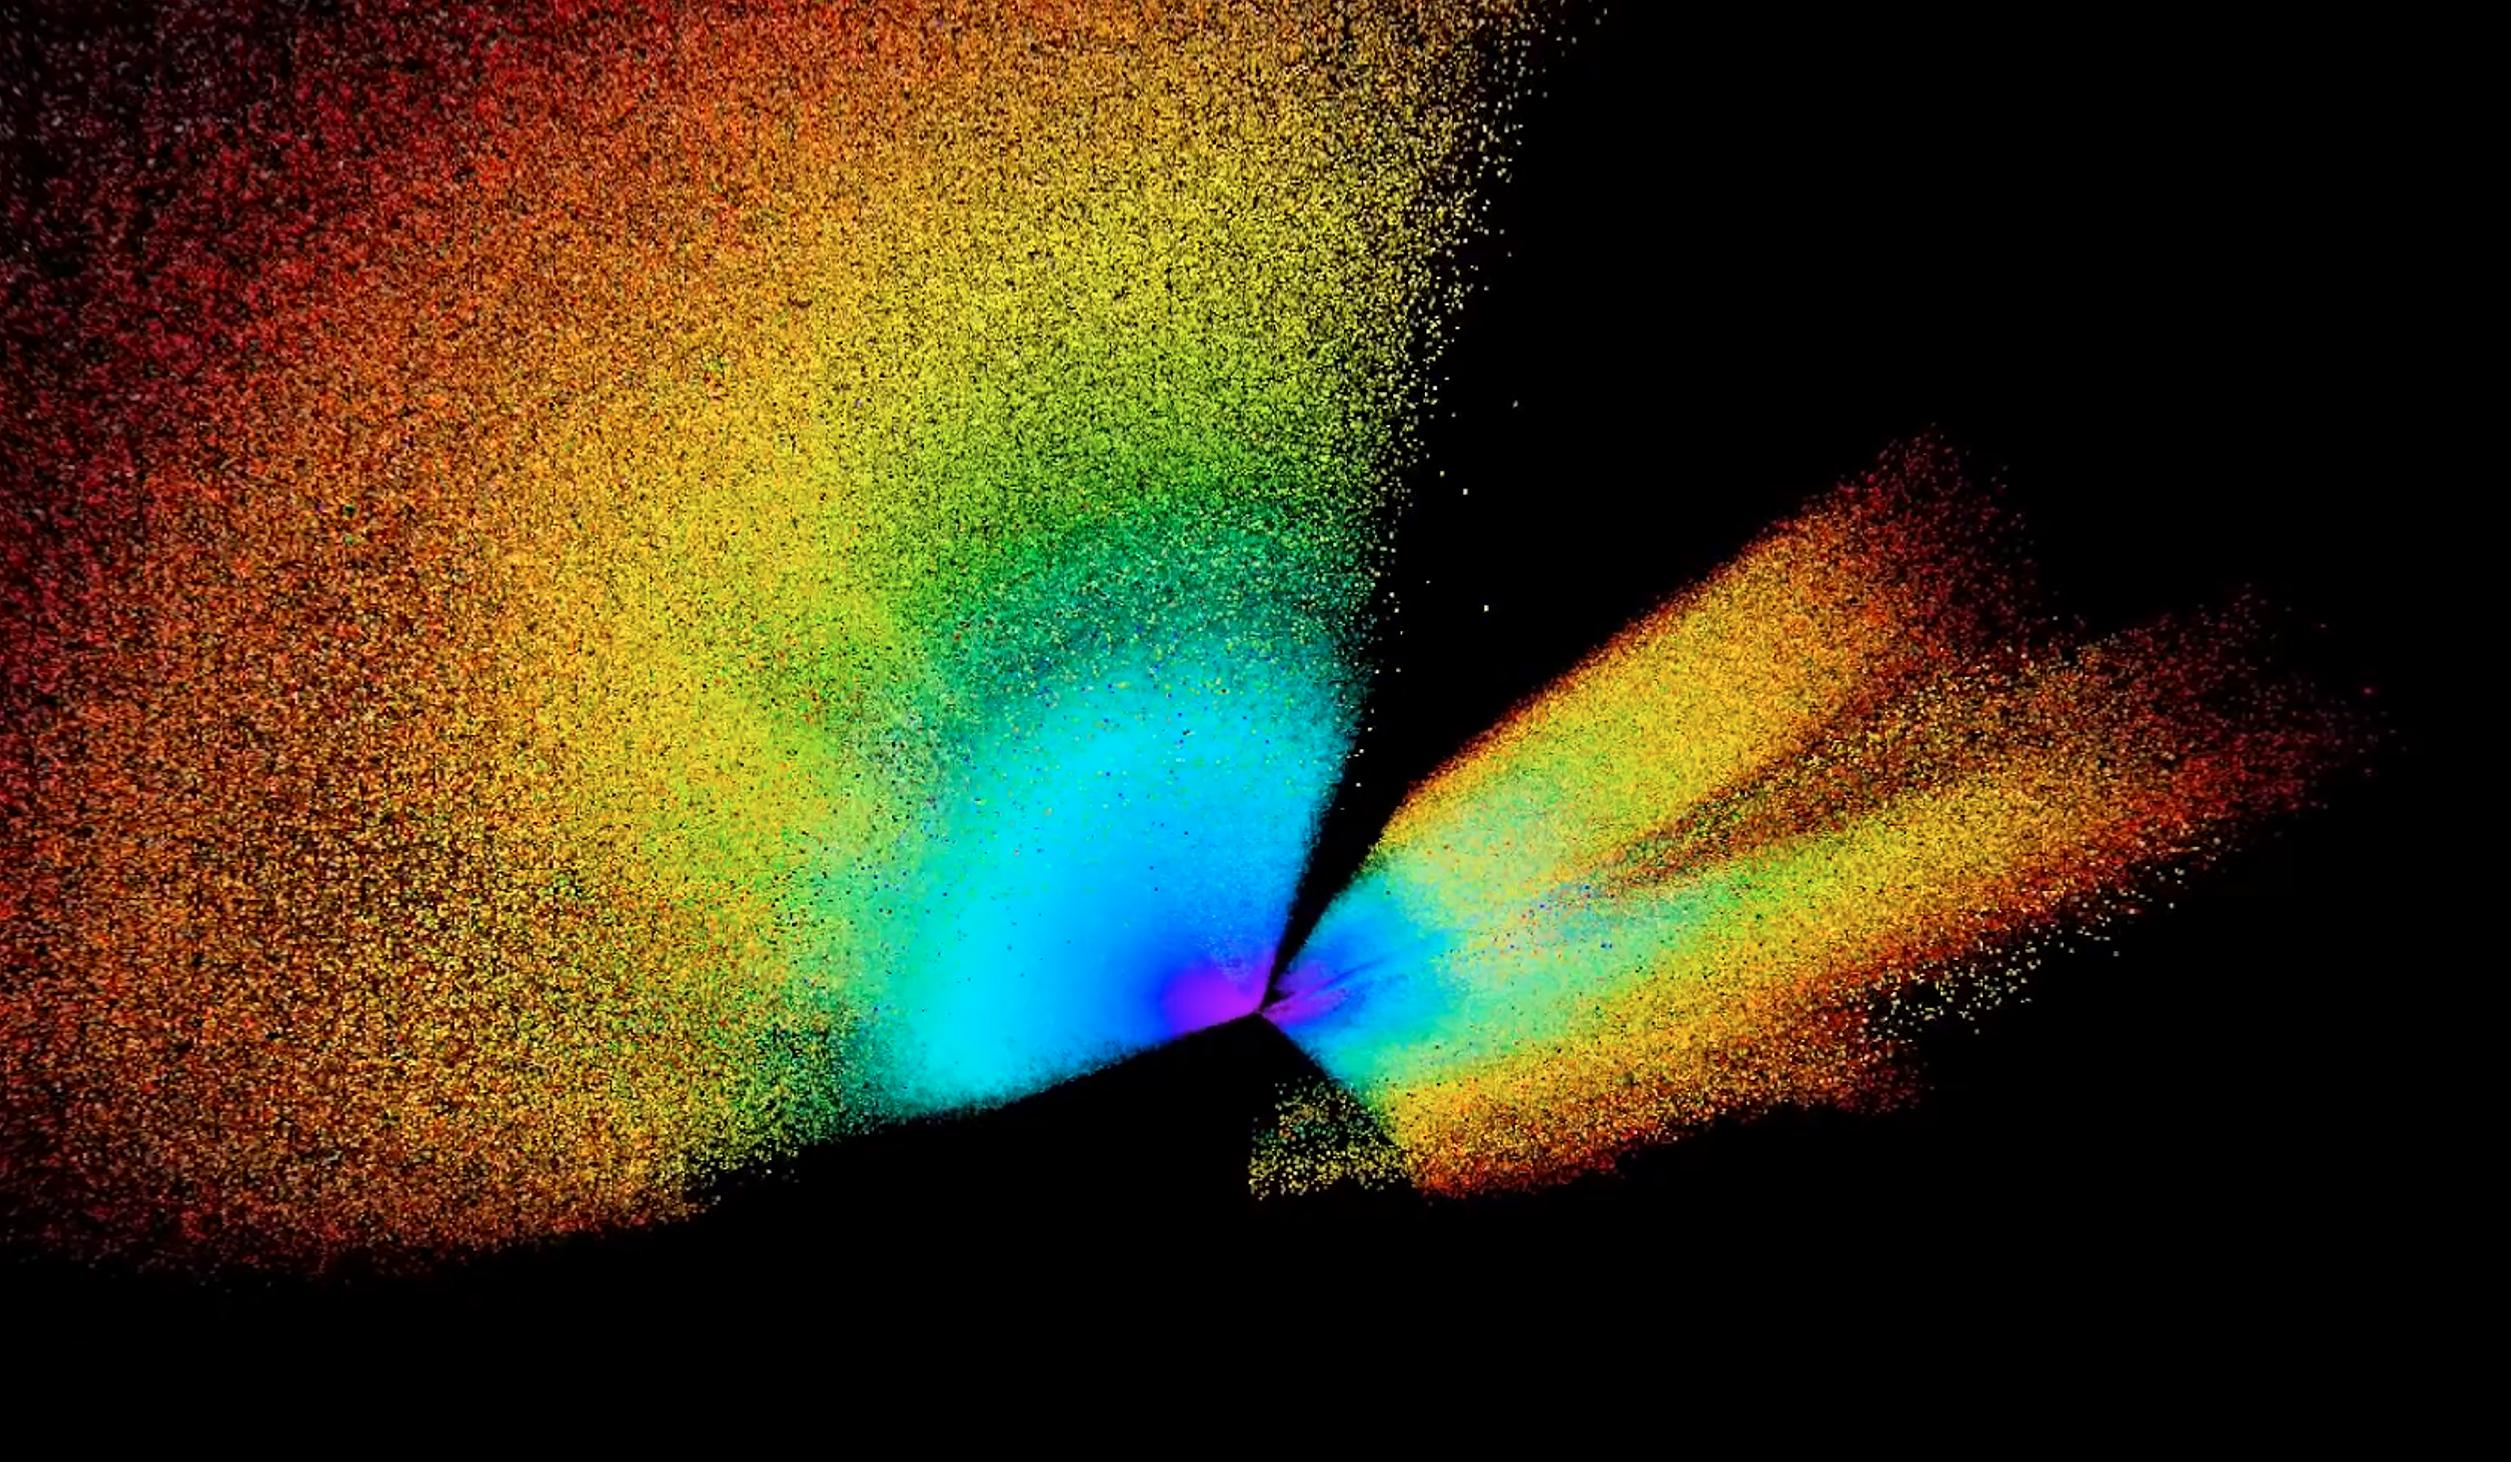 Universo in espansione: realizzata la più grande mappa in 3D